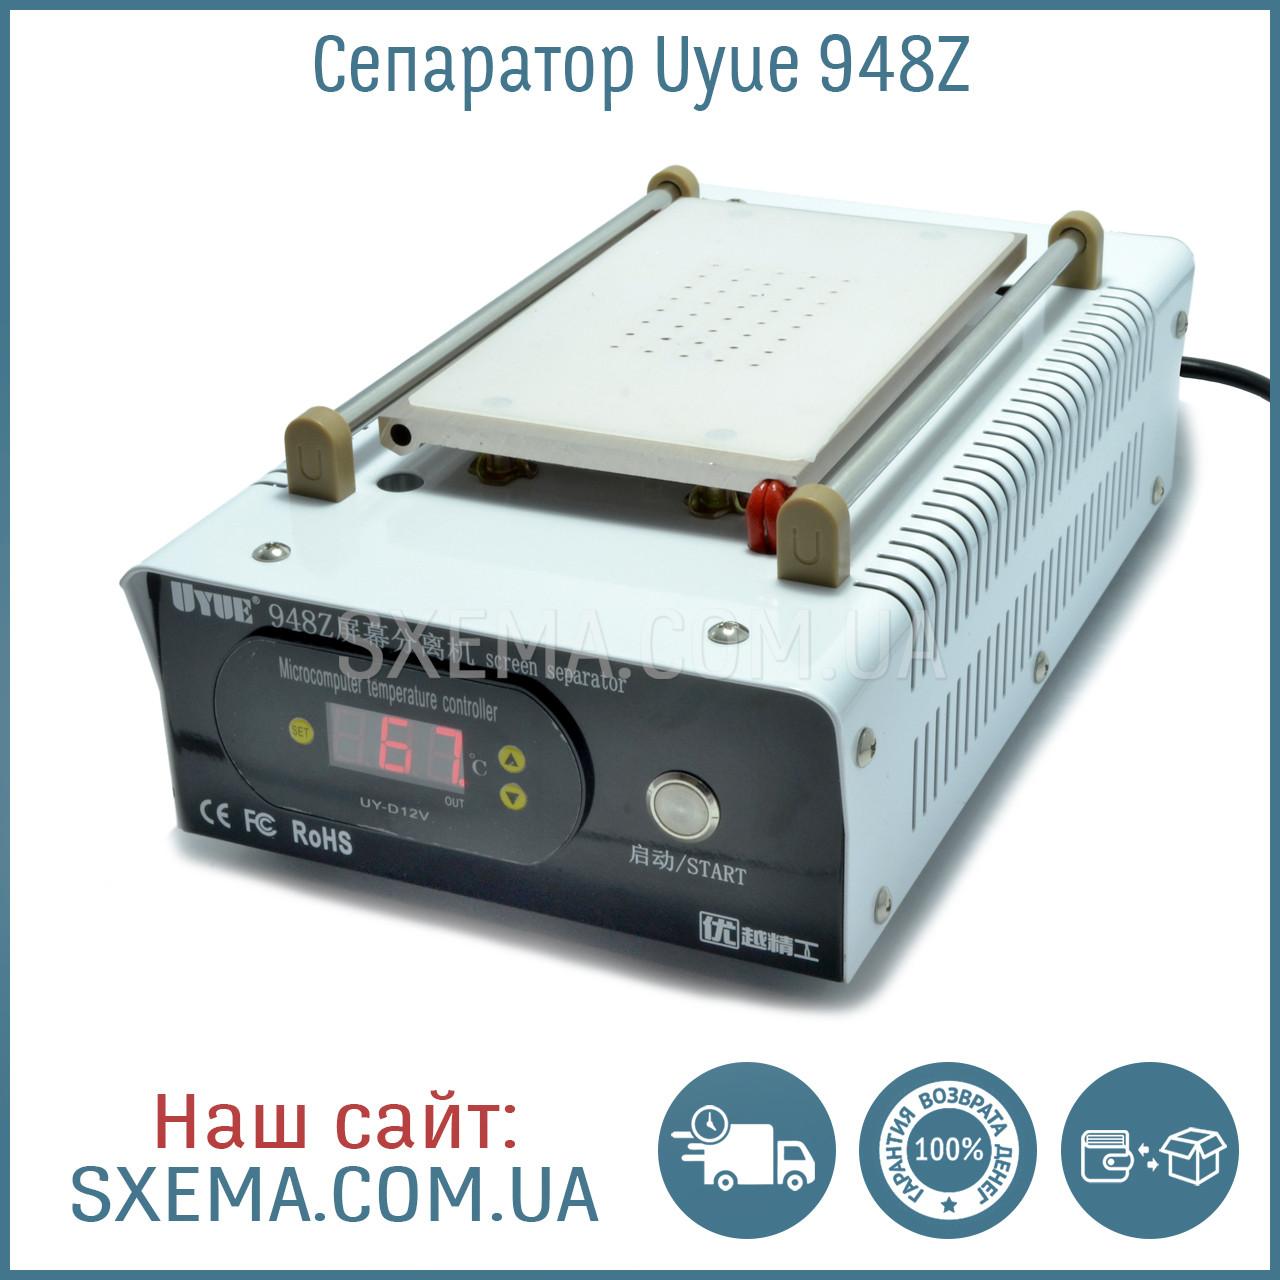 Сепаратор вакуумний Uyue 948z 8.5 дюймів (19х11см) для розділення модуля, з вбудованим компресором